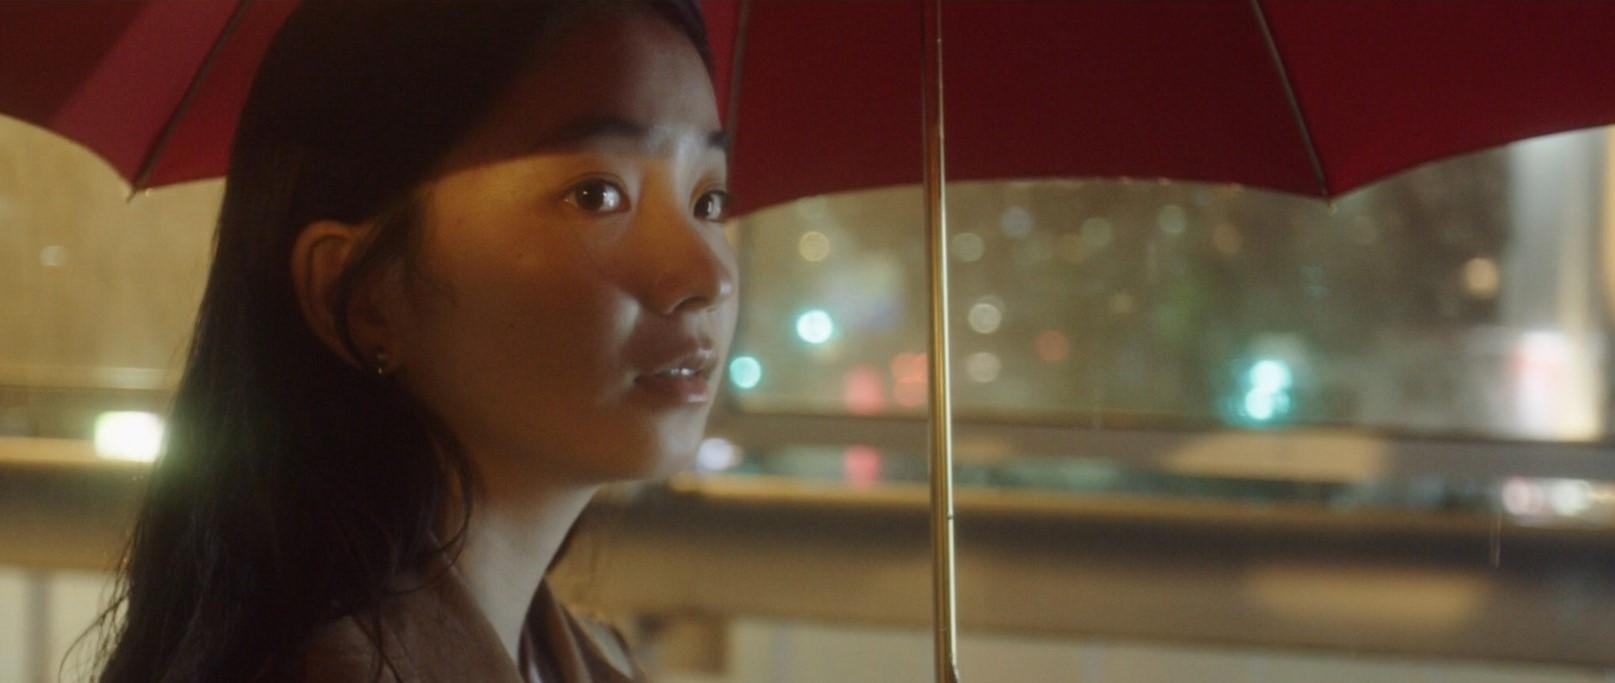 福地桃子「chelmico」MV